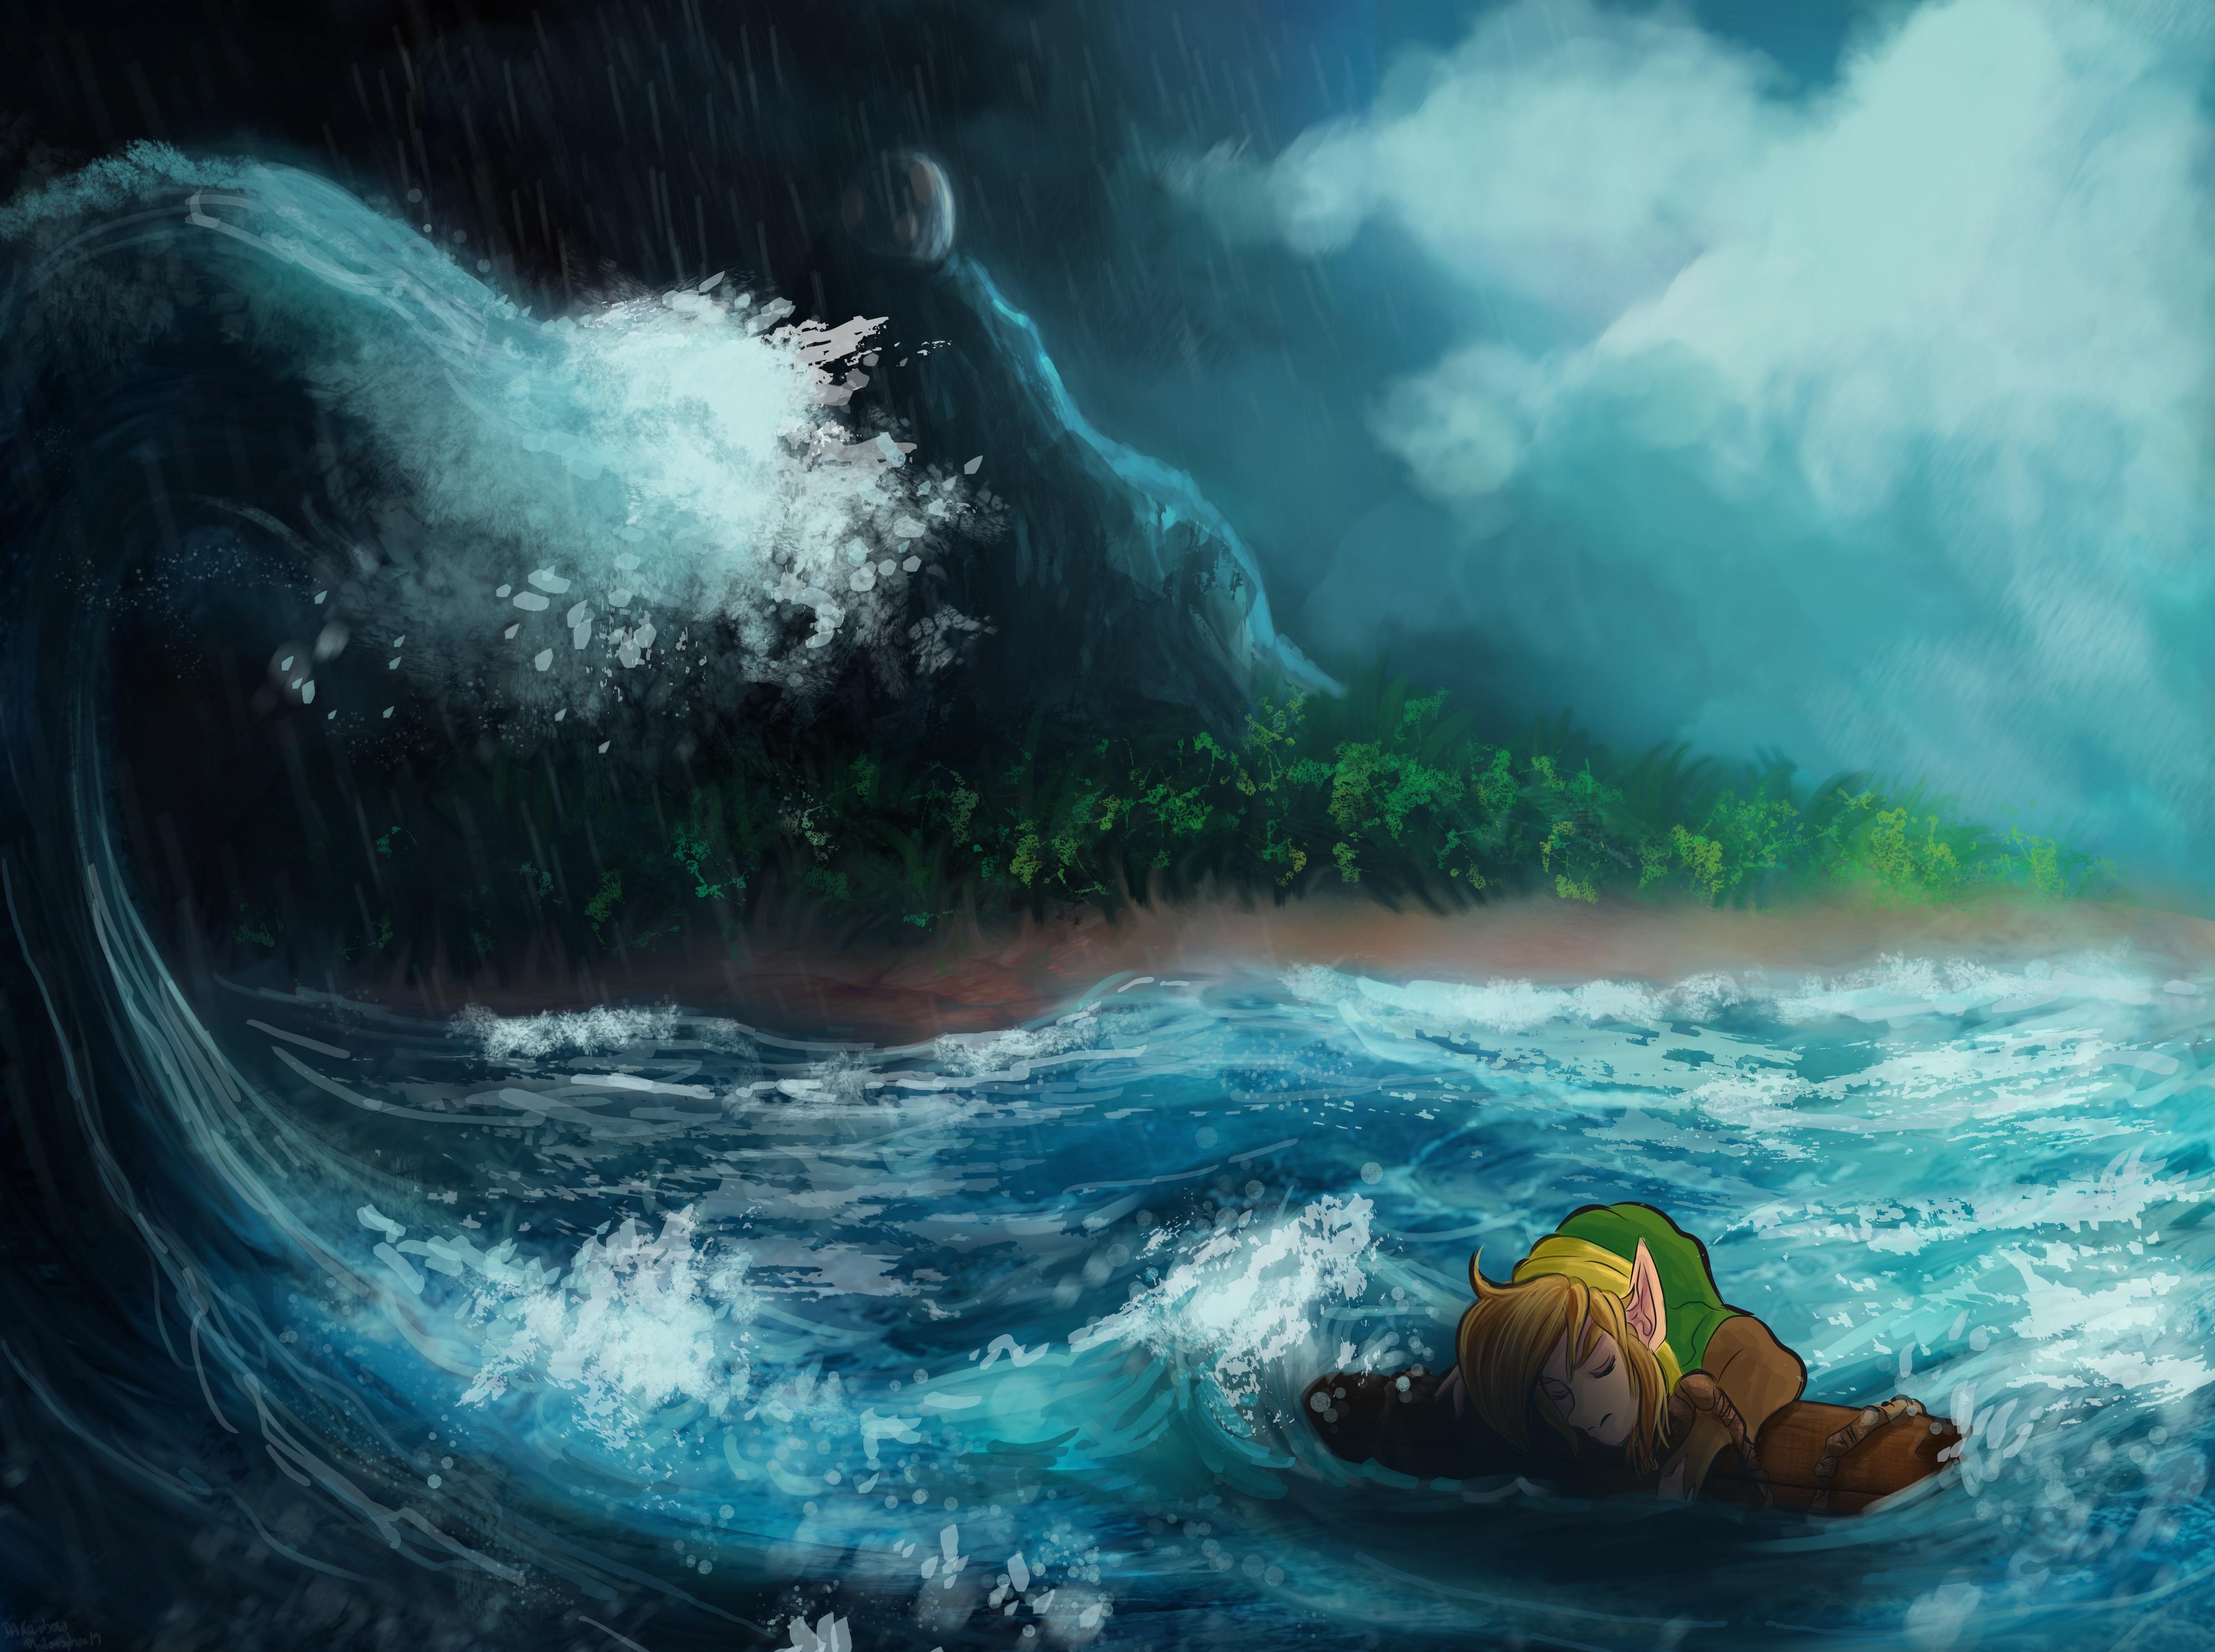 Wallpaper The Legend Of Zelda Link S Awakening The Legend